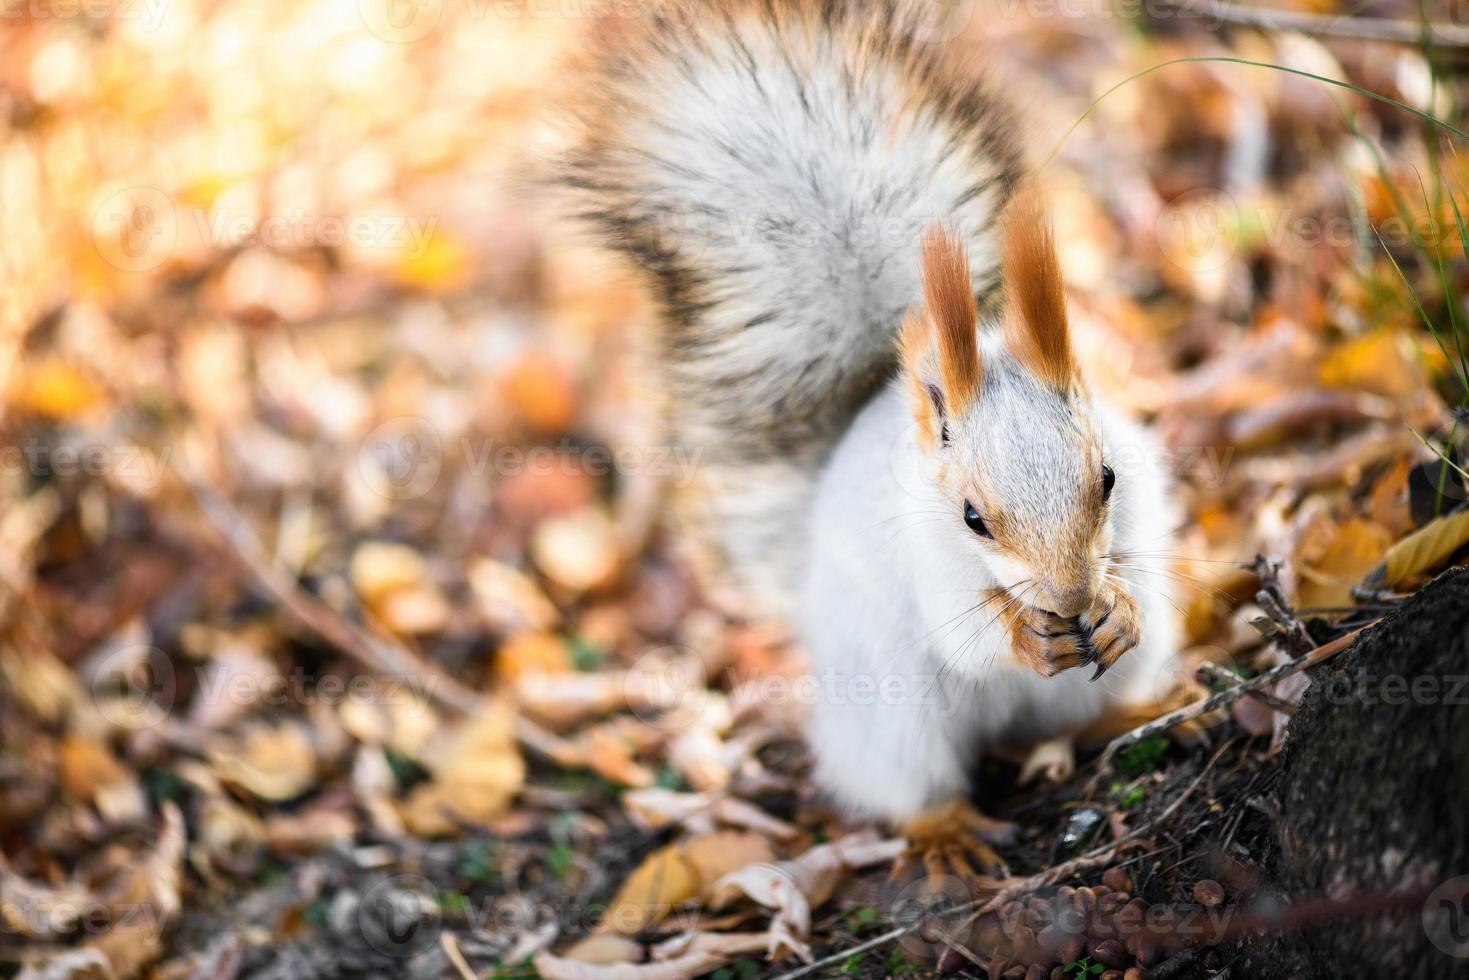 esquilo cinzento come sementes na floresta de outono foto